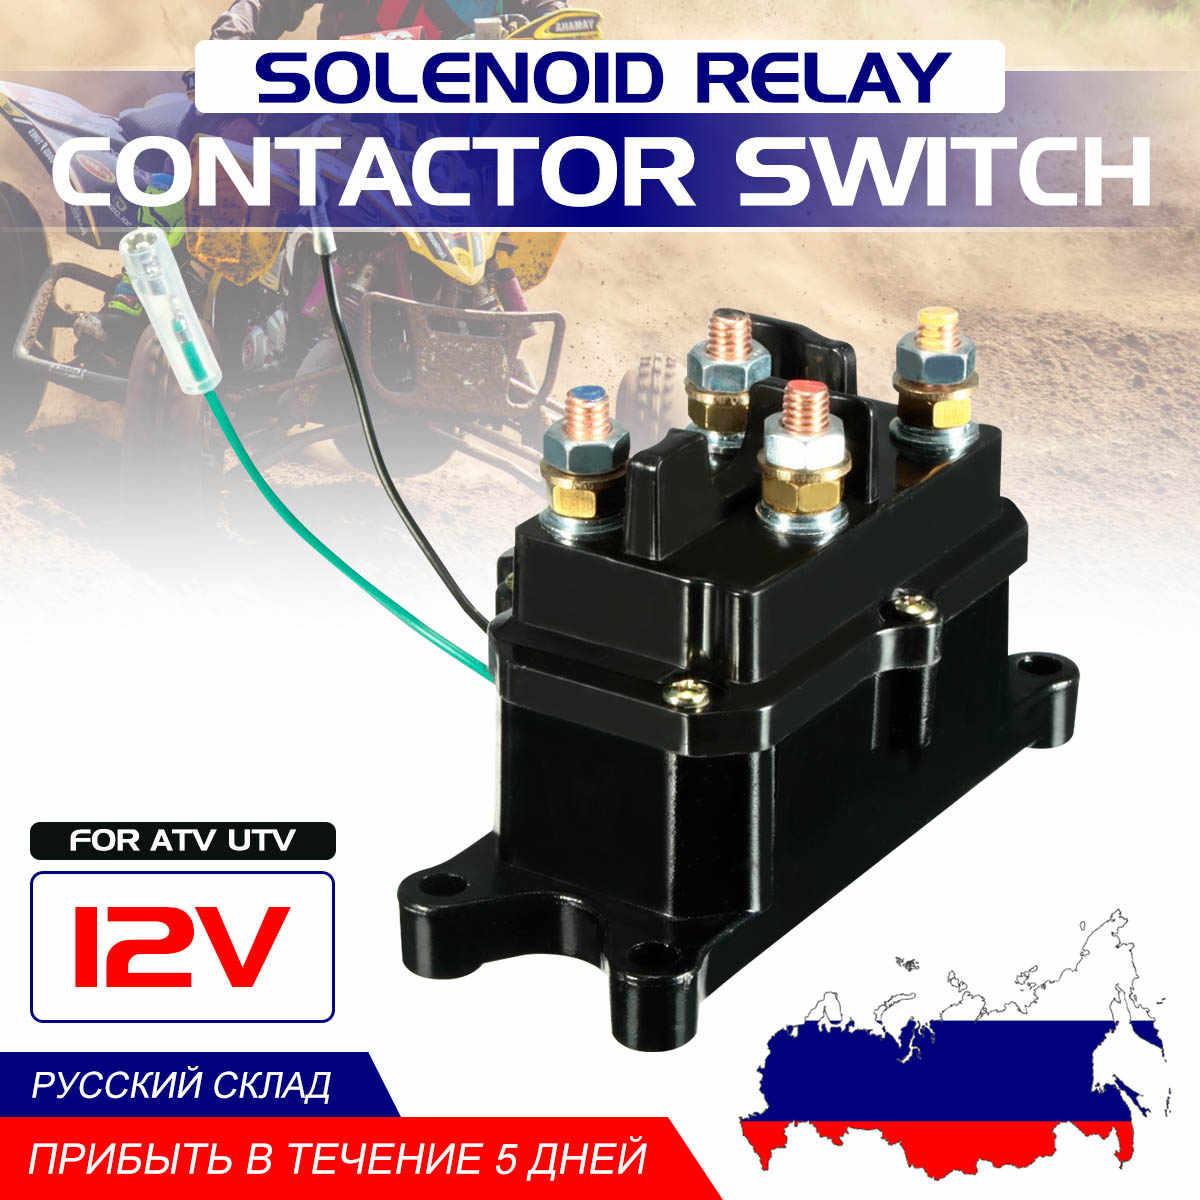 medium resolution of universal 12v solenoid relay contactor winch rocker switch thumb for atv utv